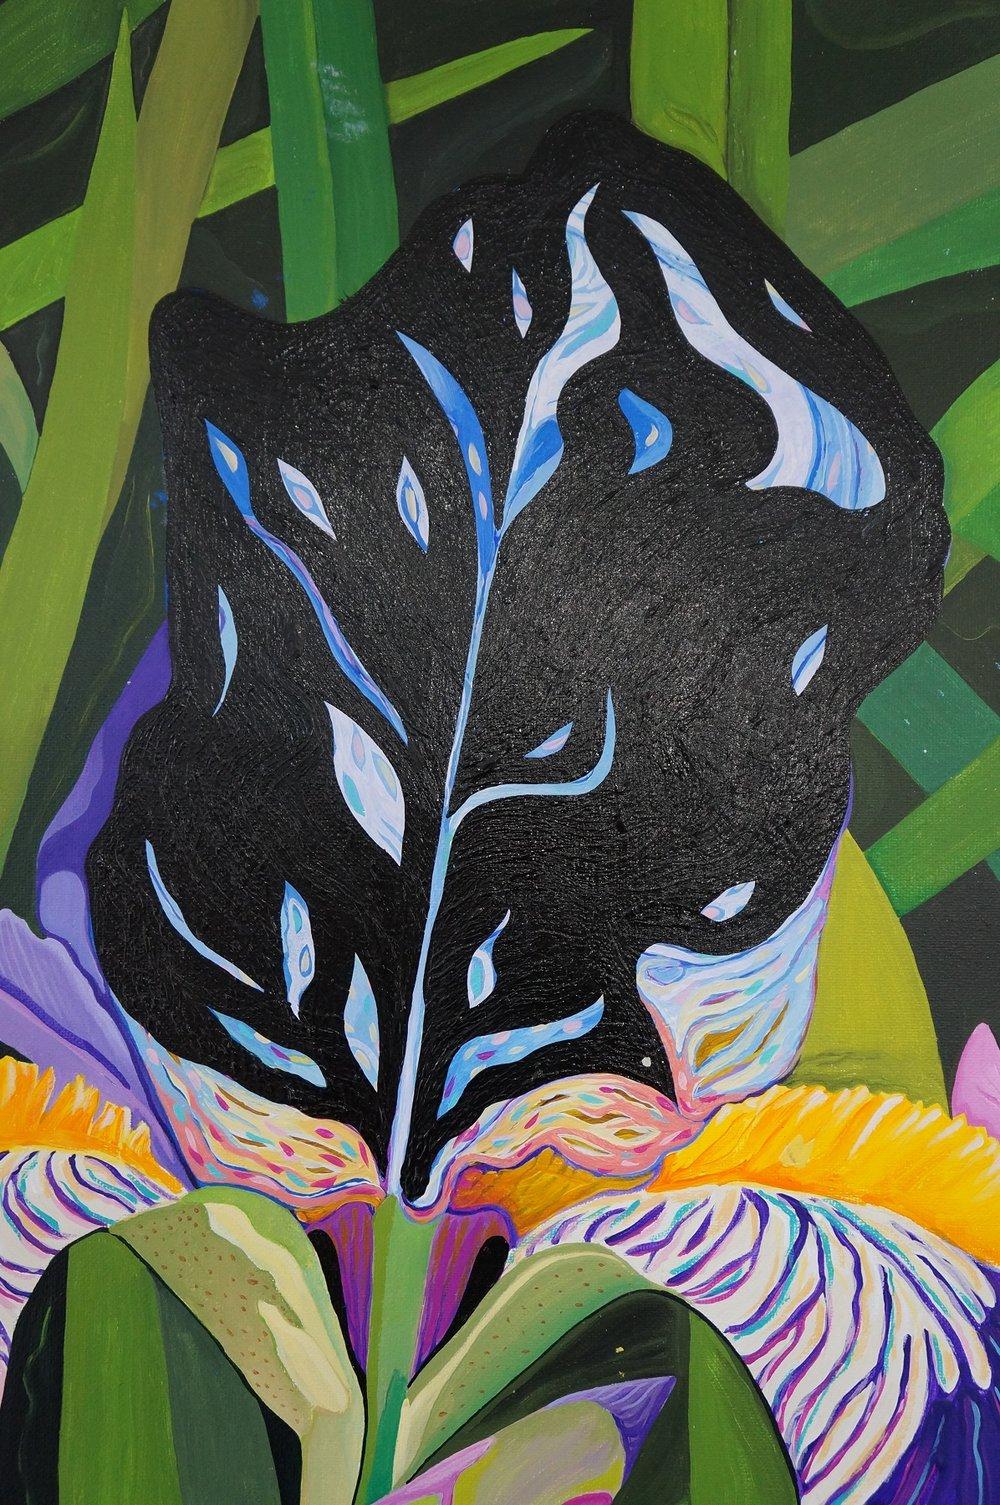 Black iris aug 31 '18.JPG